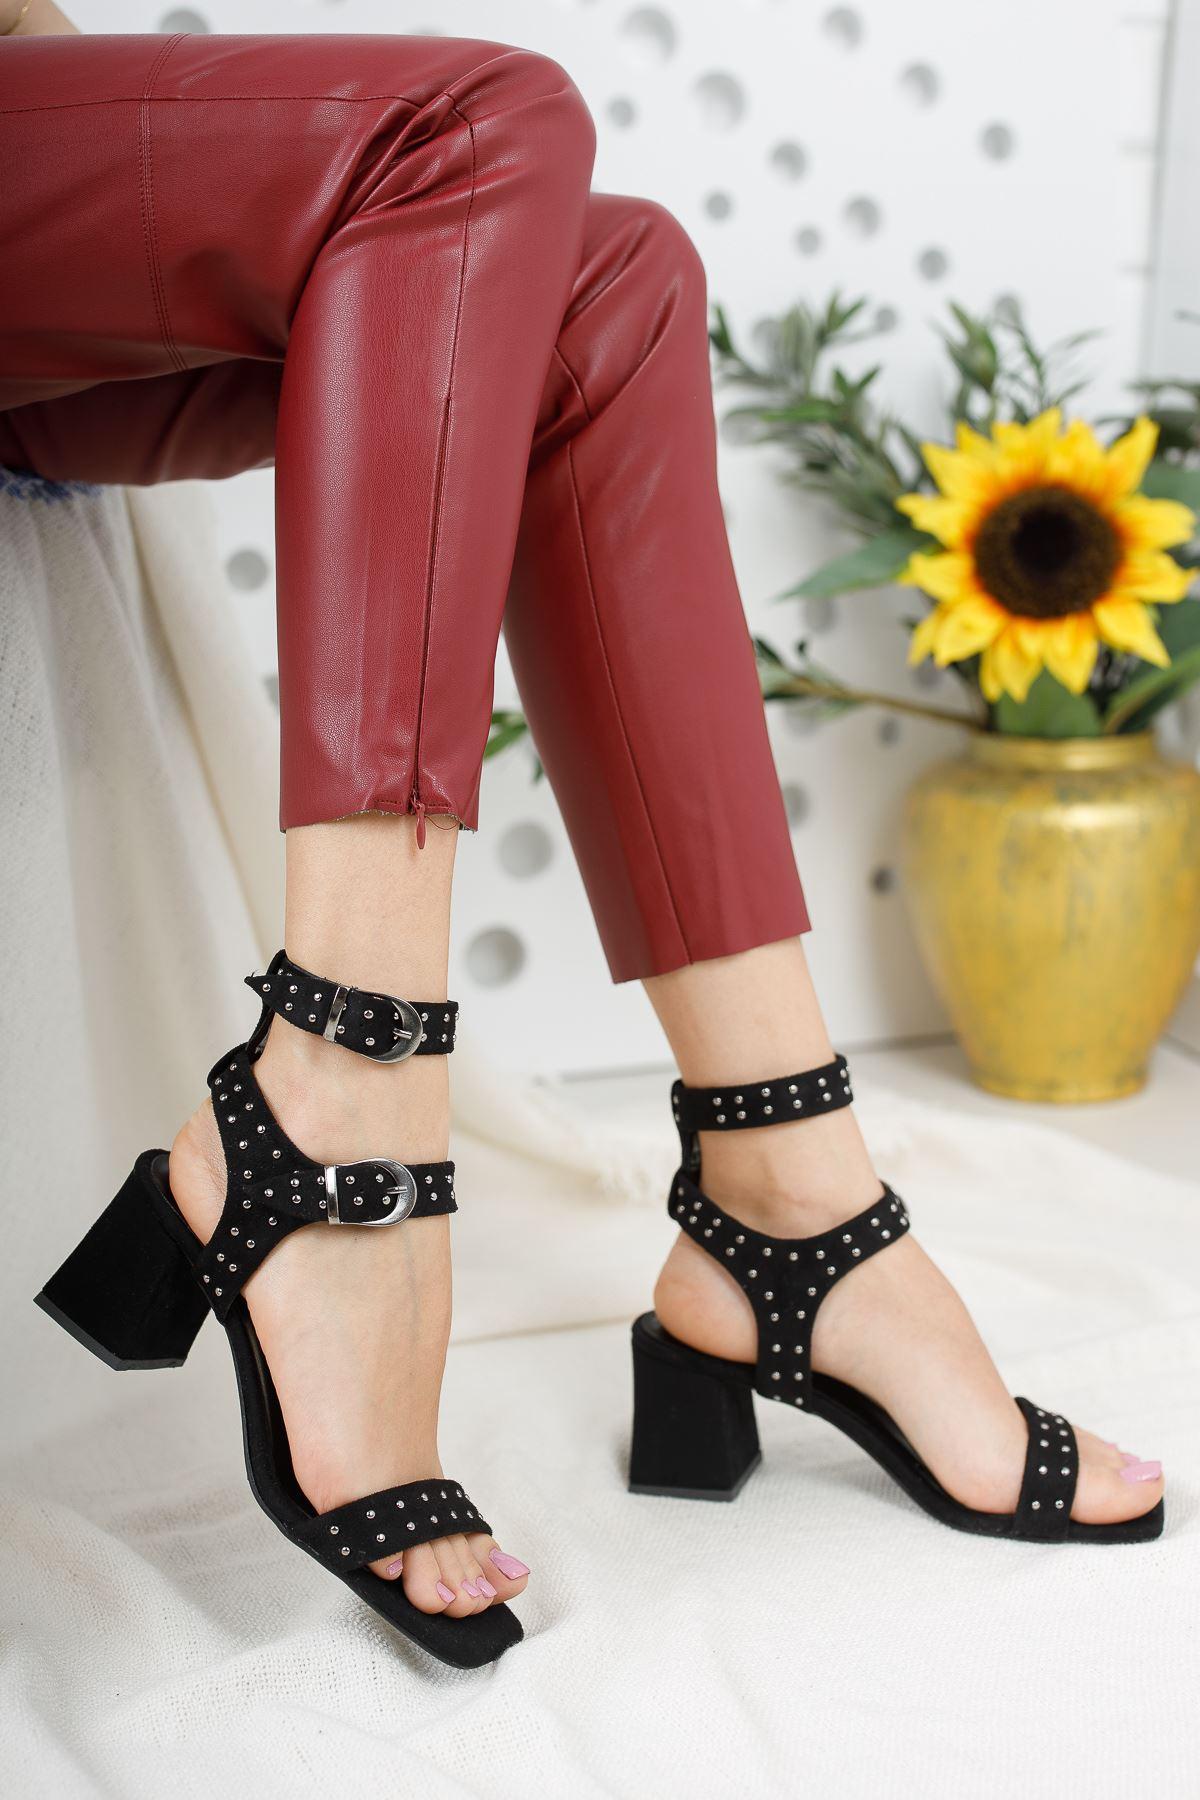 Kadın Elise Kısa Topuklu Trok Detaylı Küt Burun Siyah Süet  Topuklu Ayakkabı